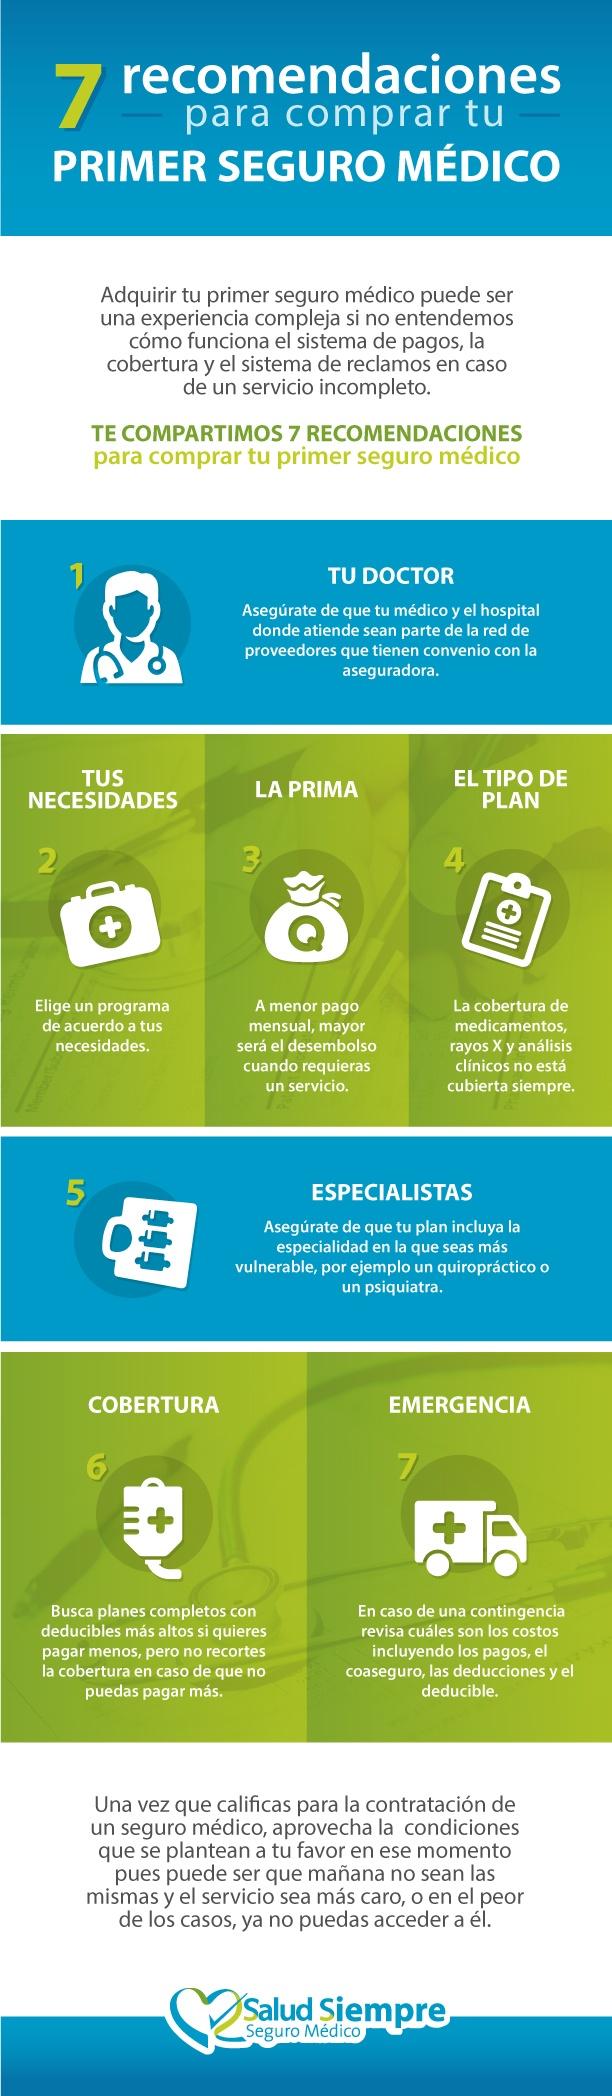 Salud-Siempre-infografía-7 recomendaciones para comprar tu primer seguro medico